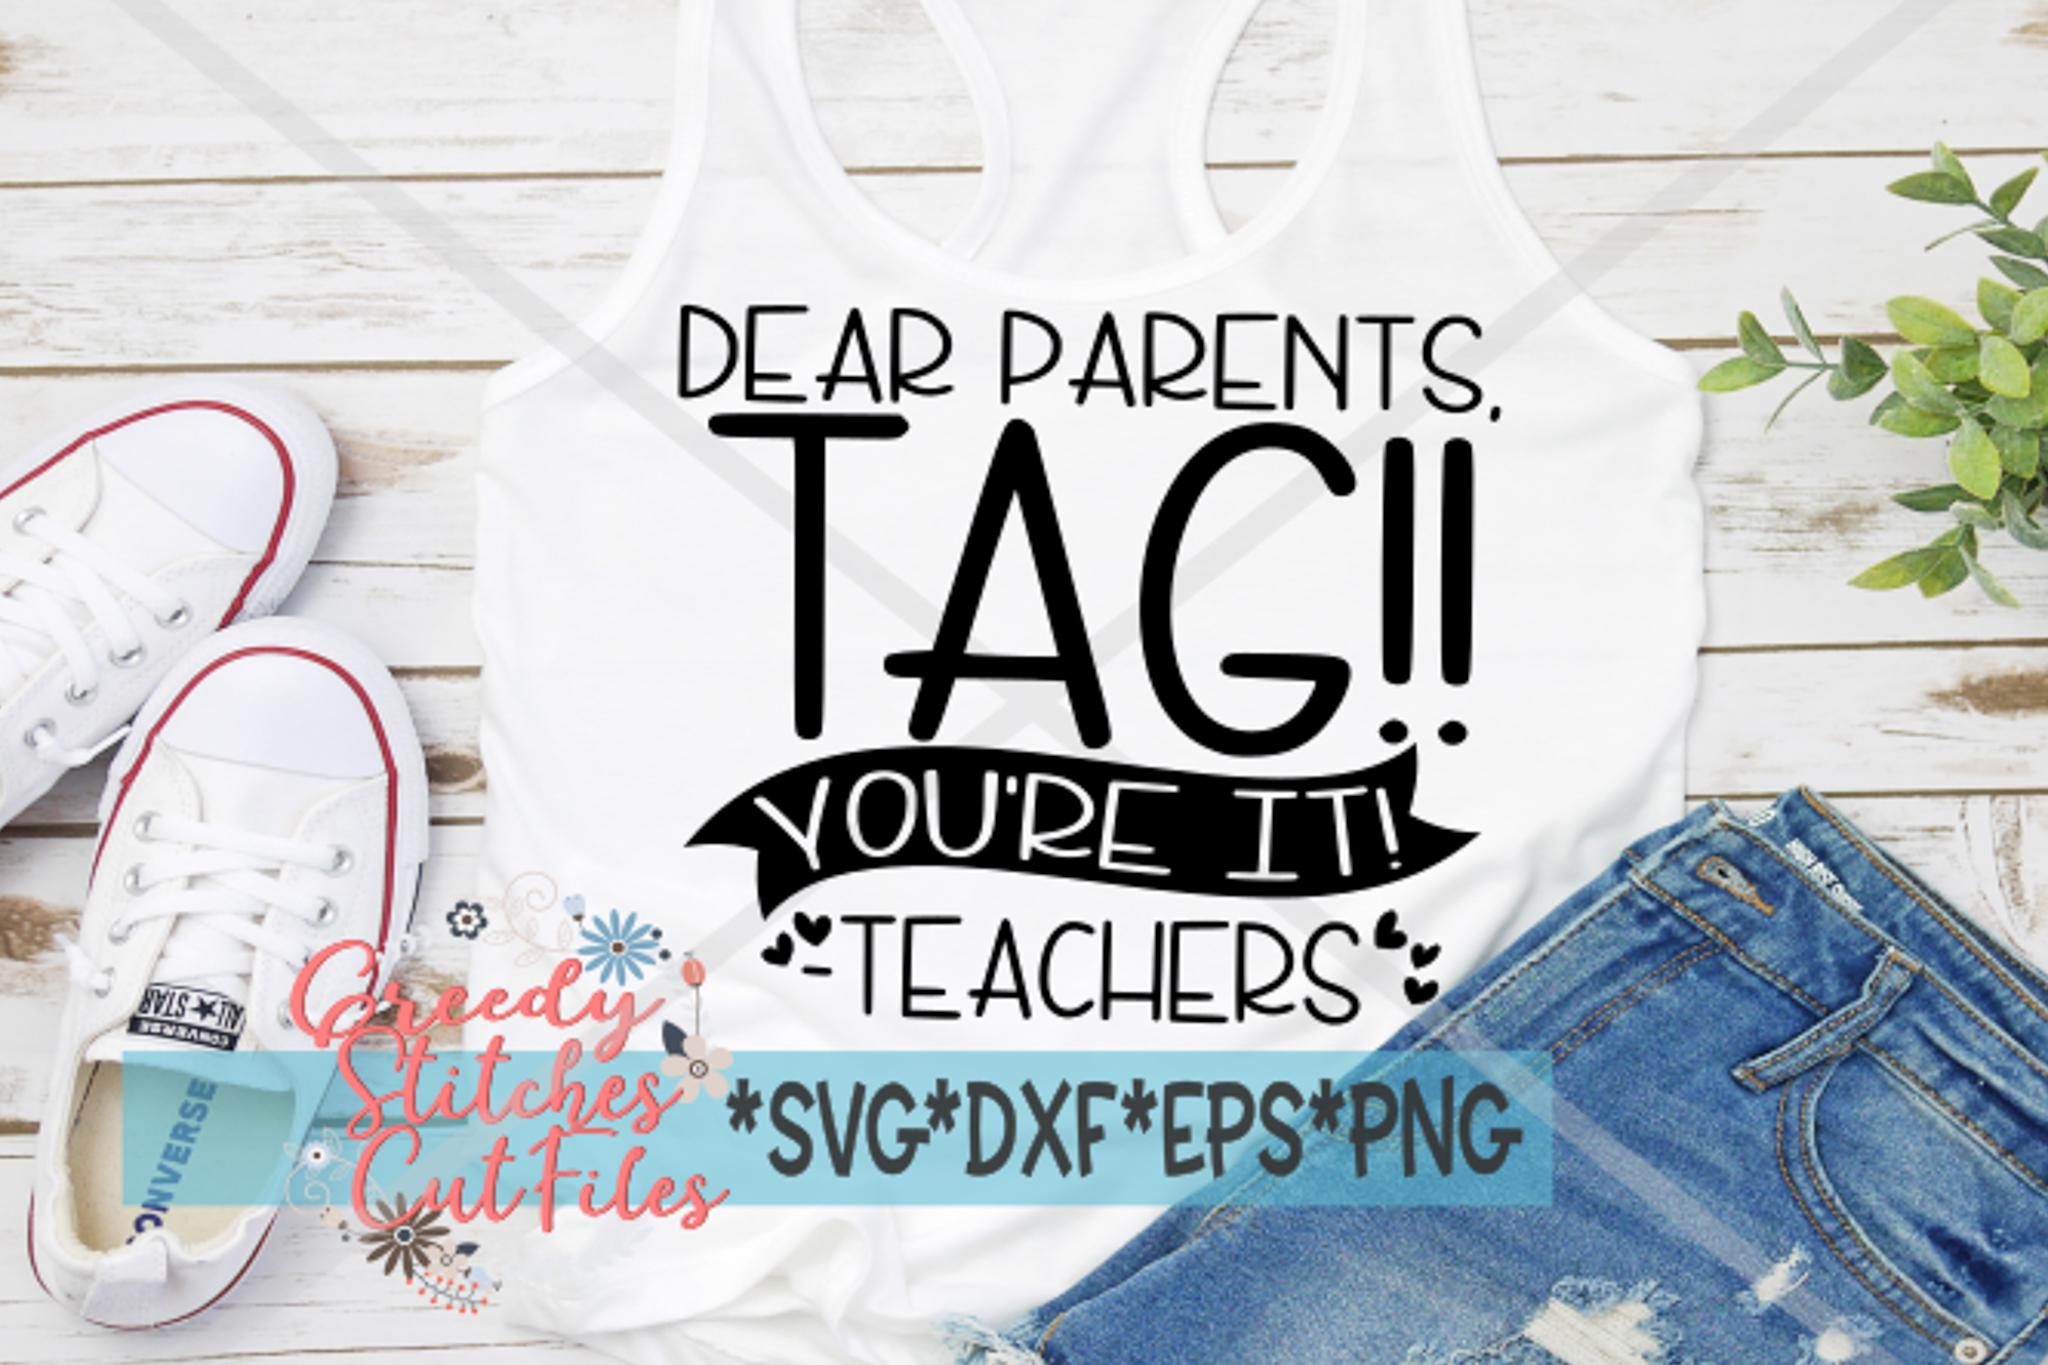 Teacher SVG | Dear Parents, Tag!! You're It! -Teacher SVG example image 3